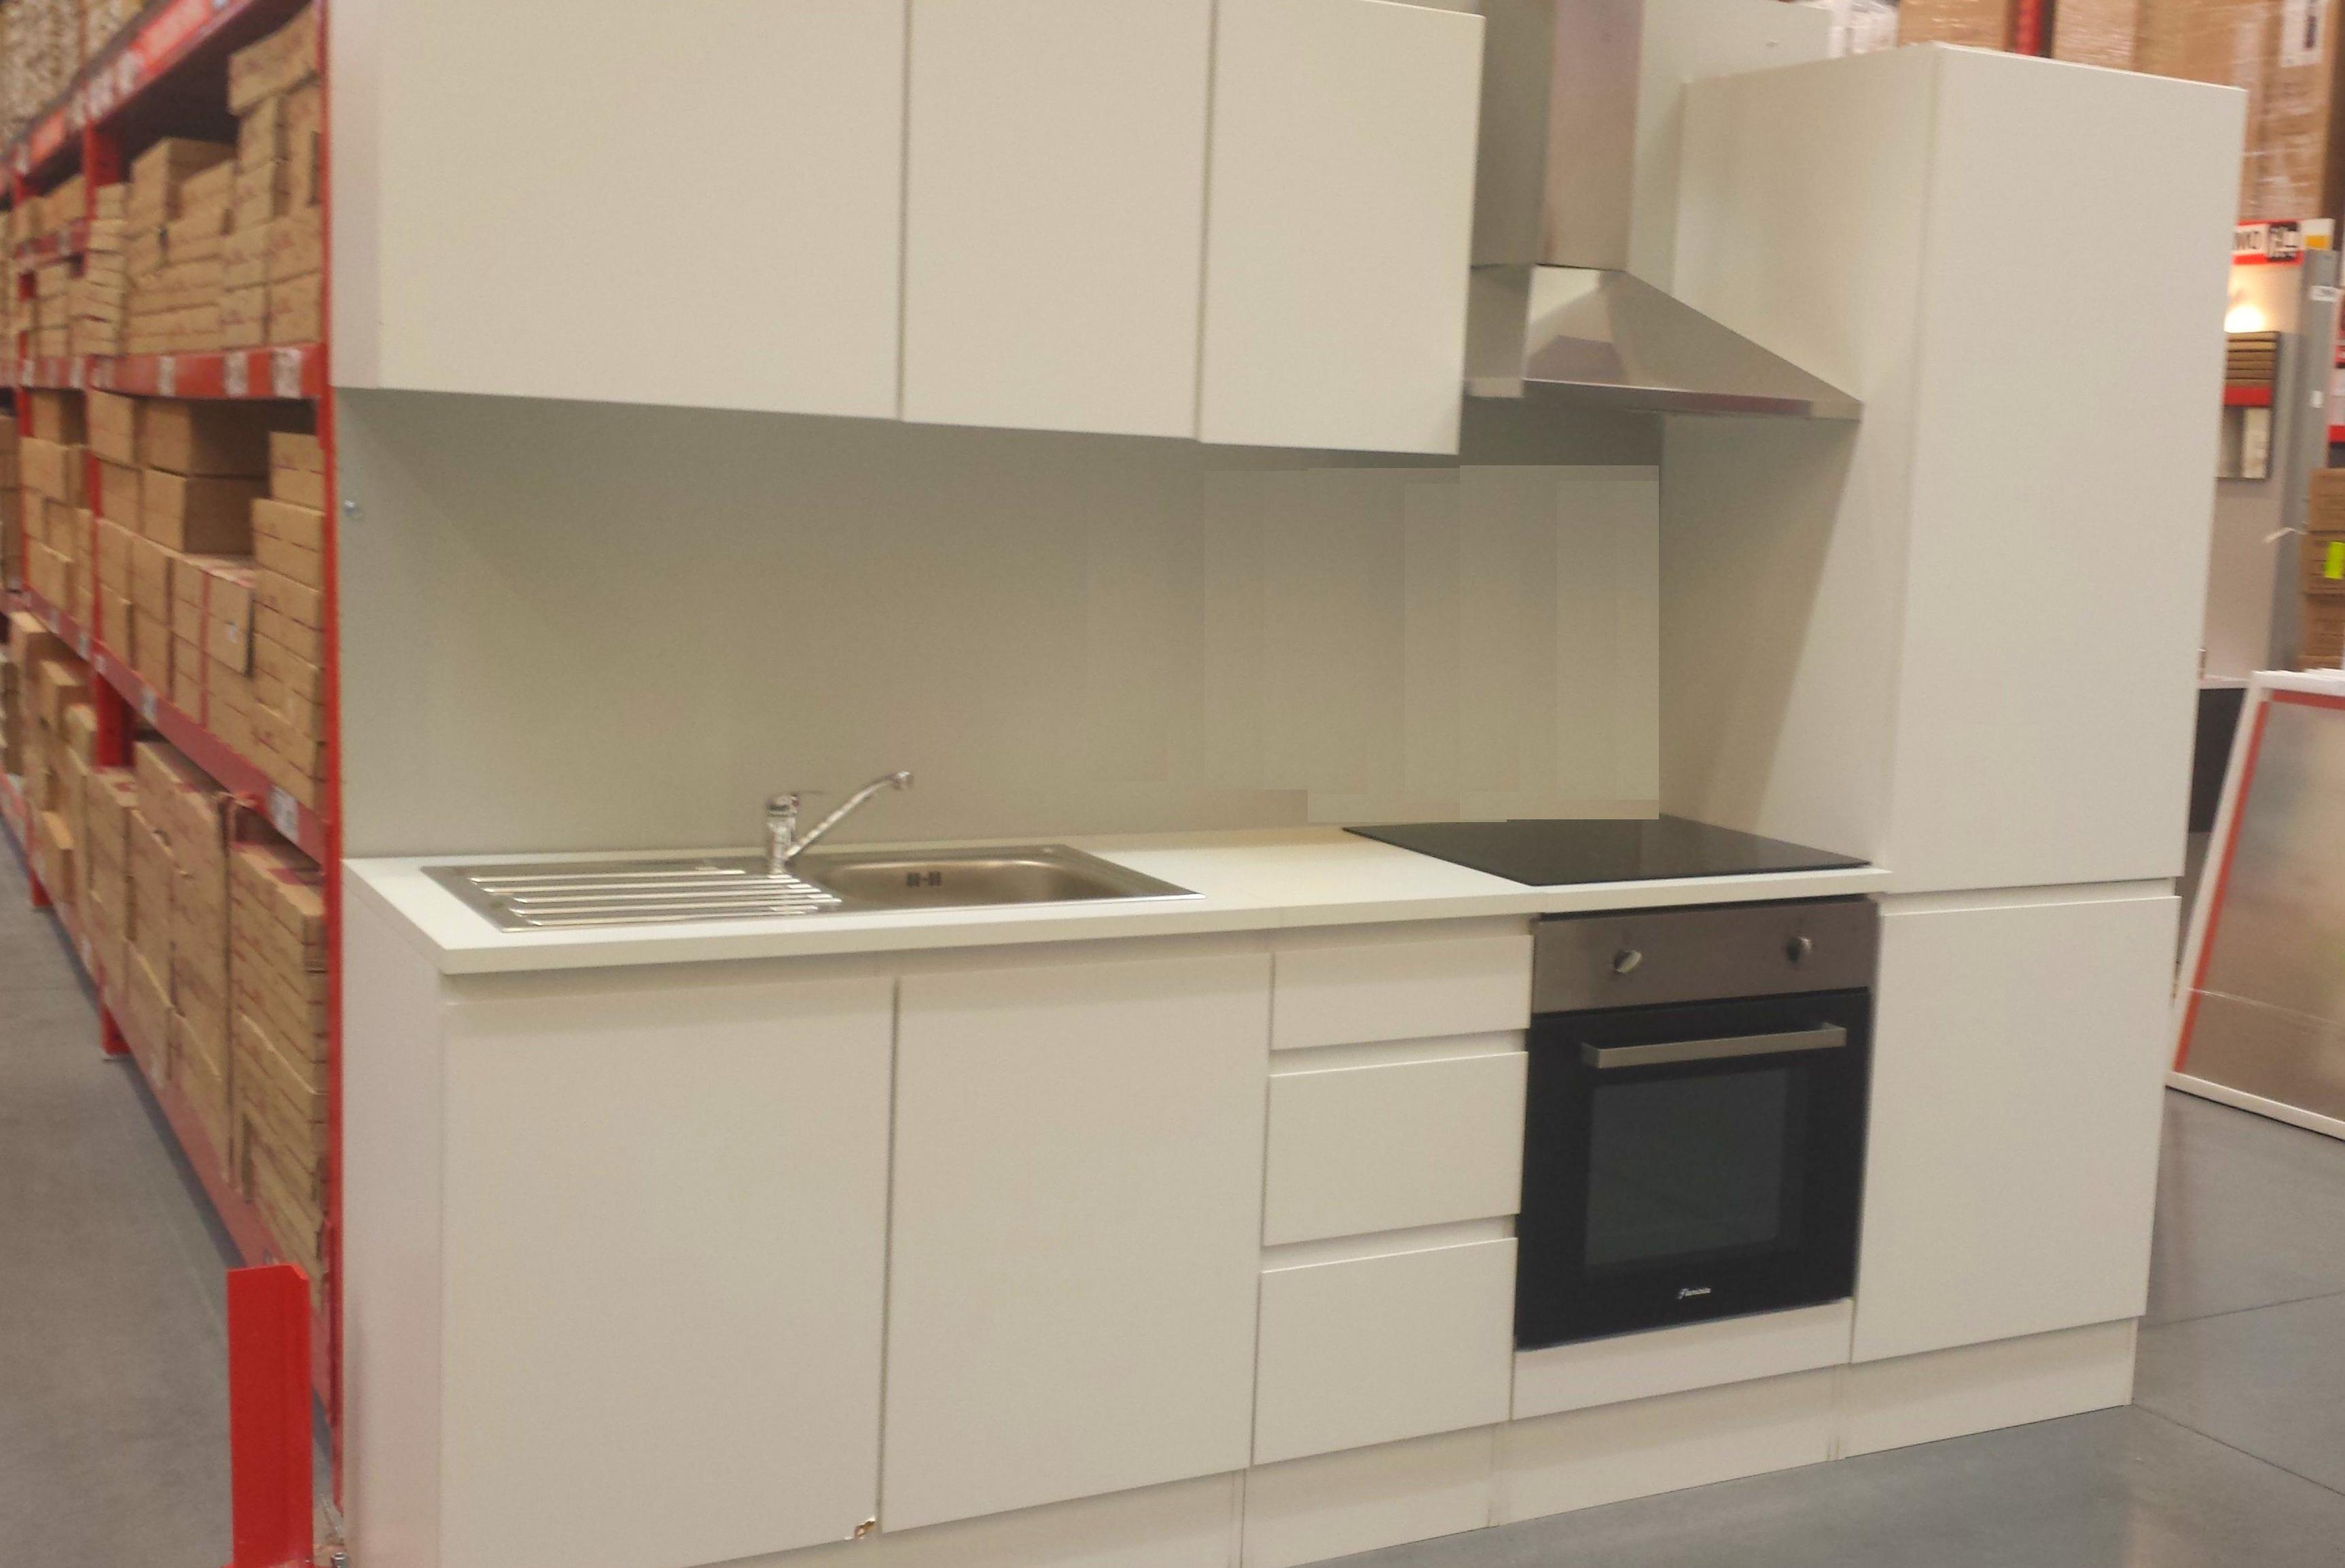 Muebles de cocina - Pagina de muebles ...